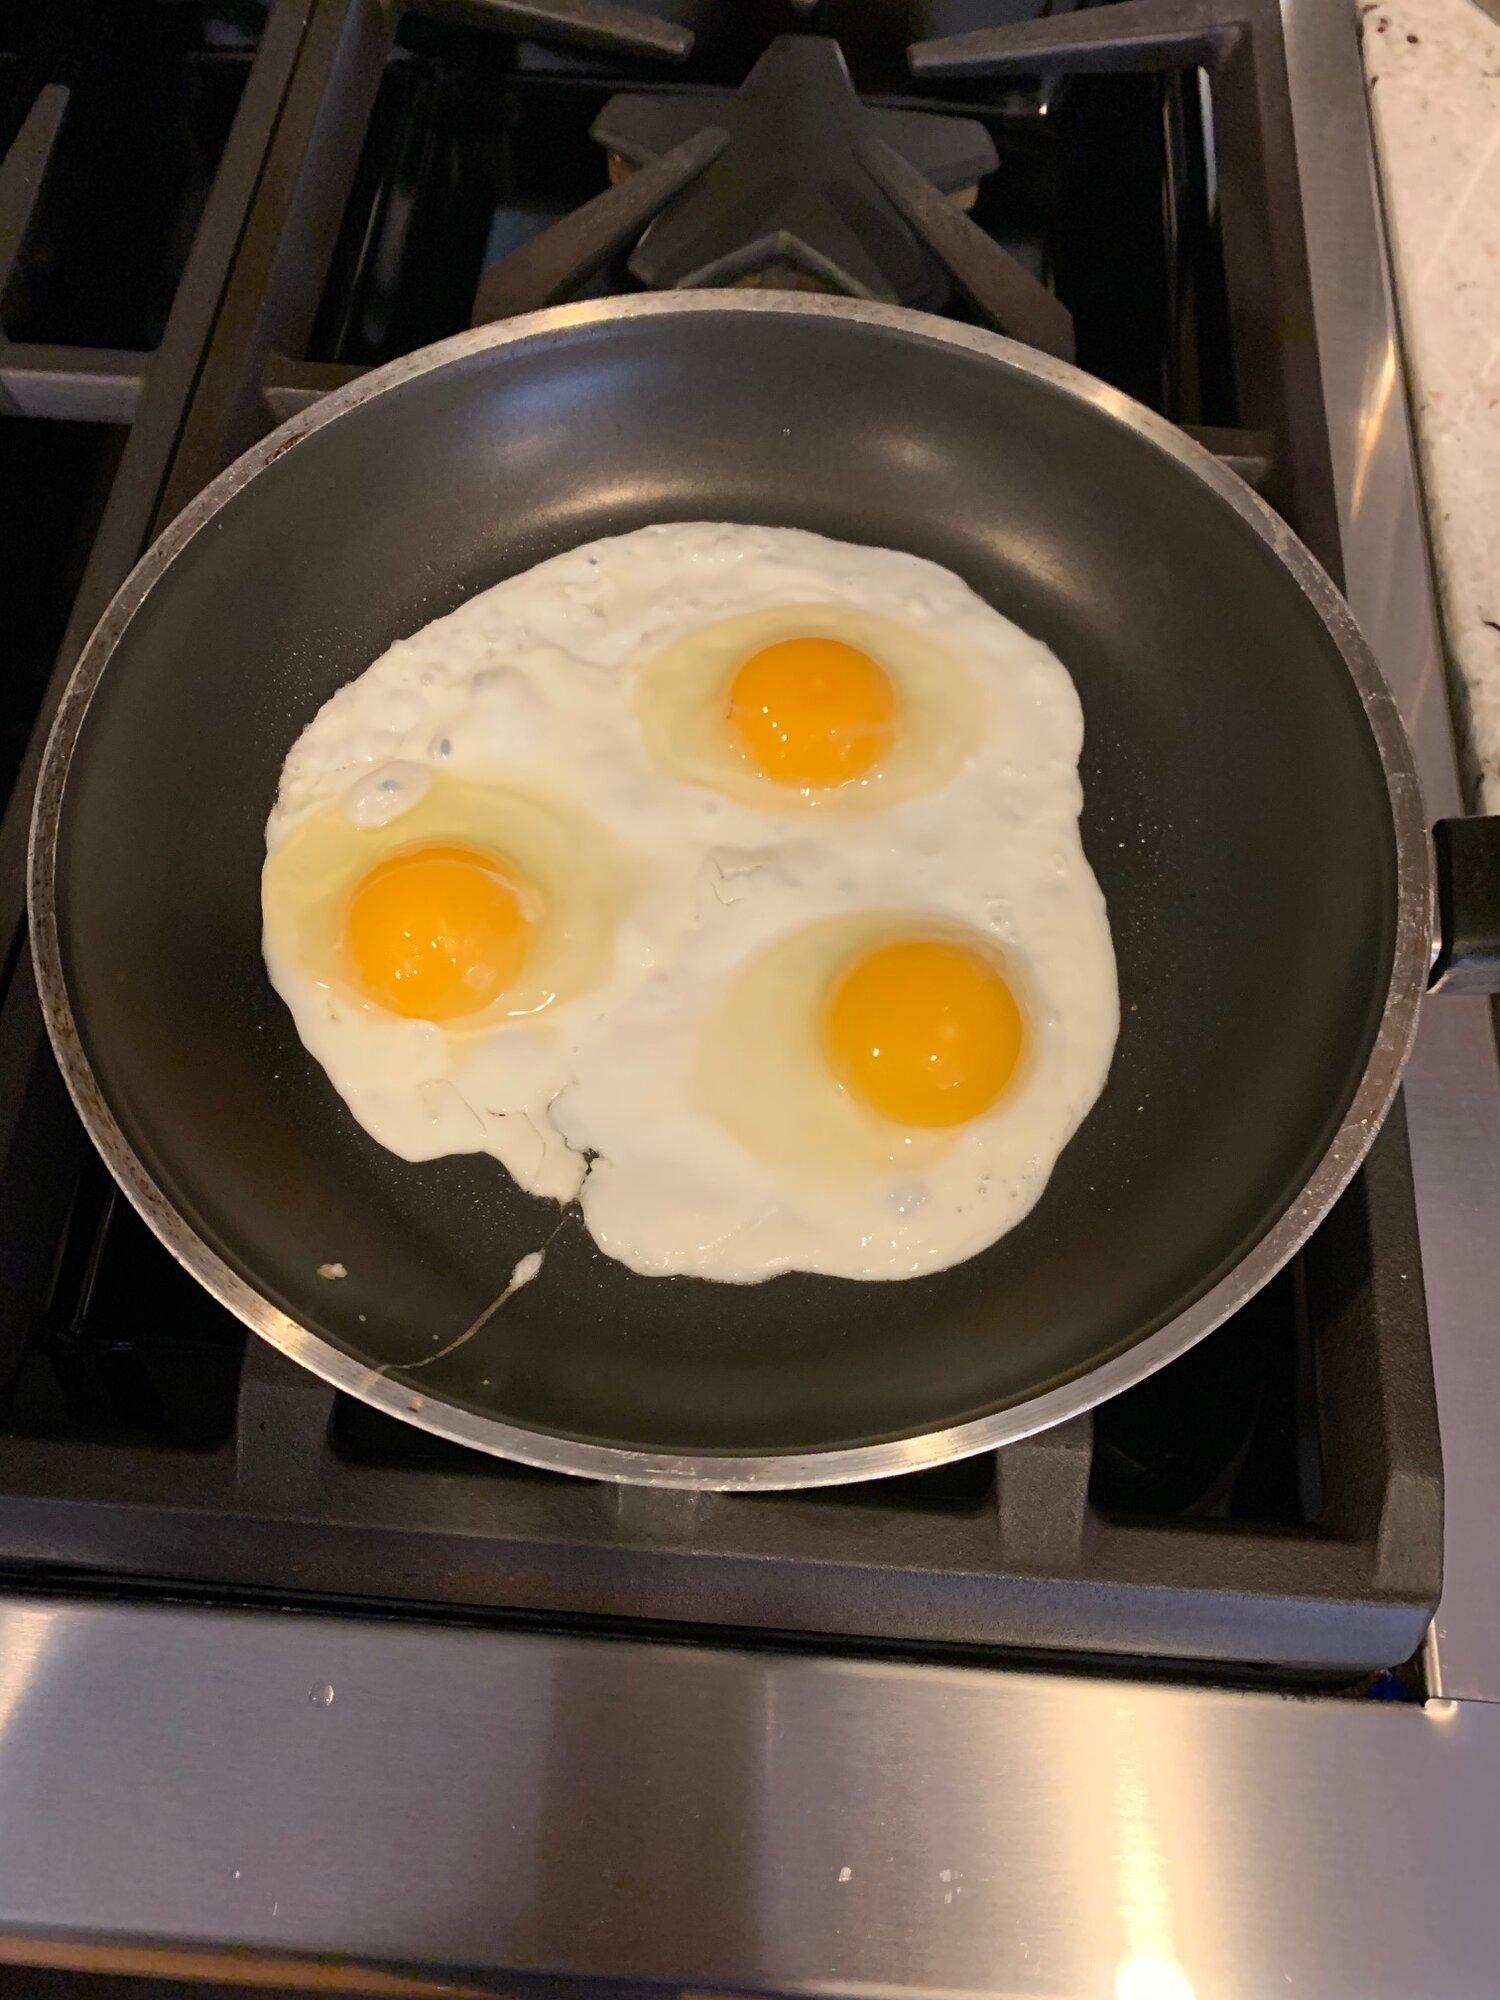 eggsCooking.jpeg